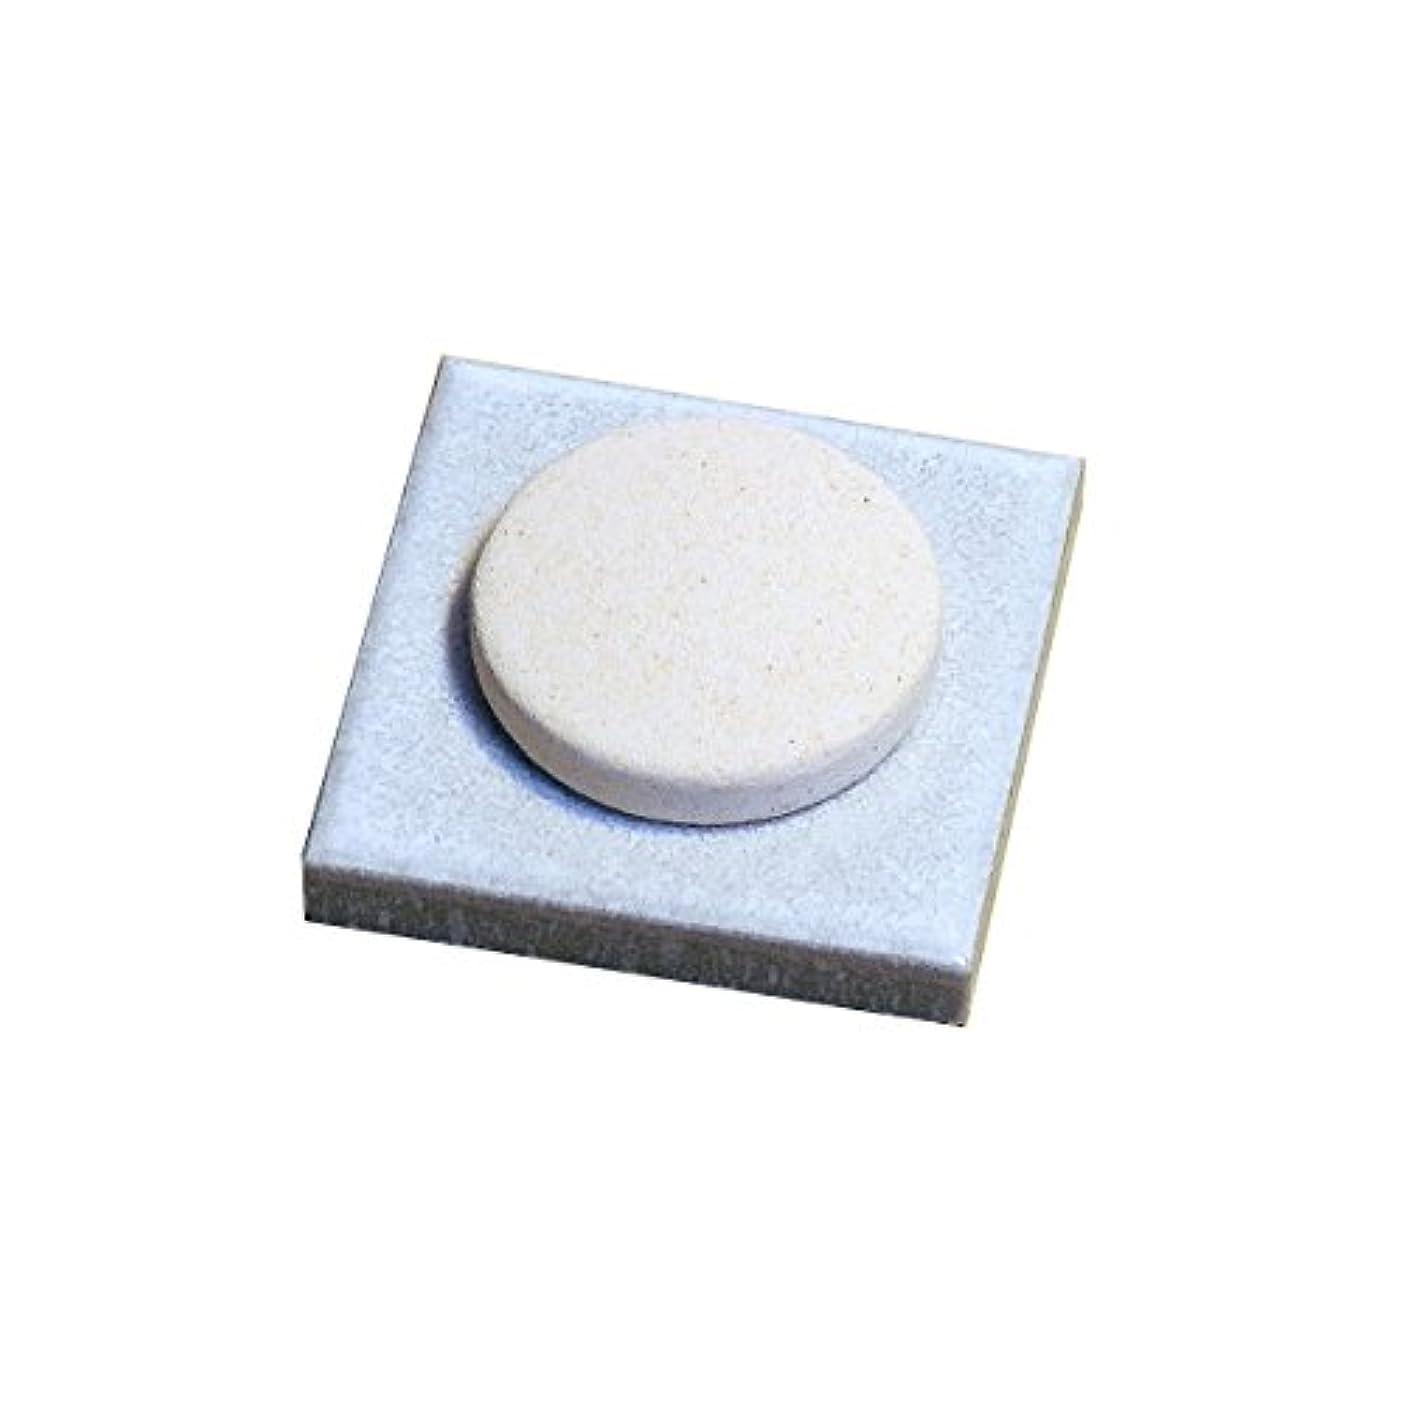 パイント一方、行く〔立風屋〕珪藻土アロマプレート美濃焼タイルセット ホワイト(白) RPAP-01003-WT